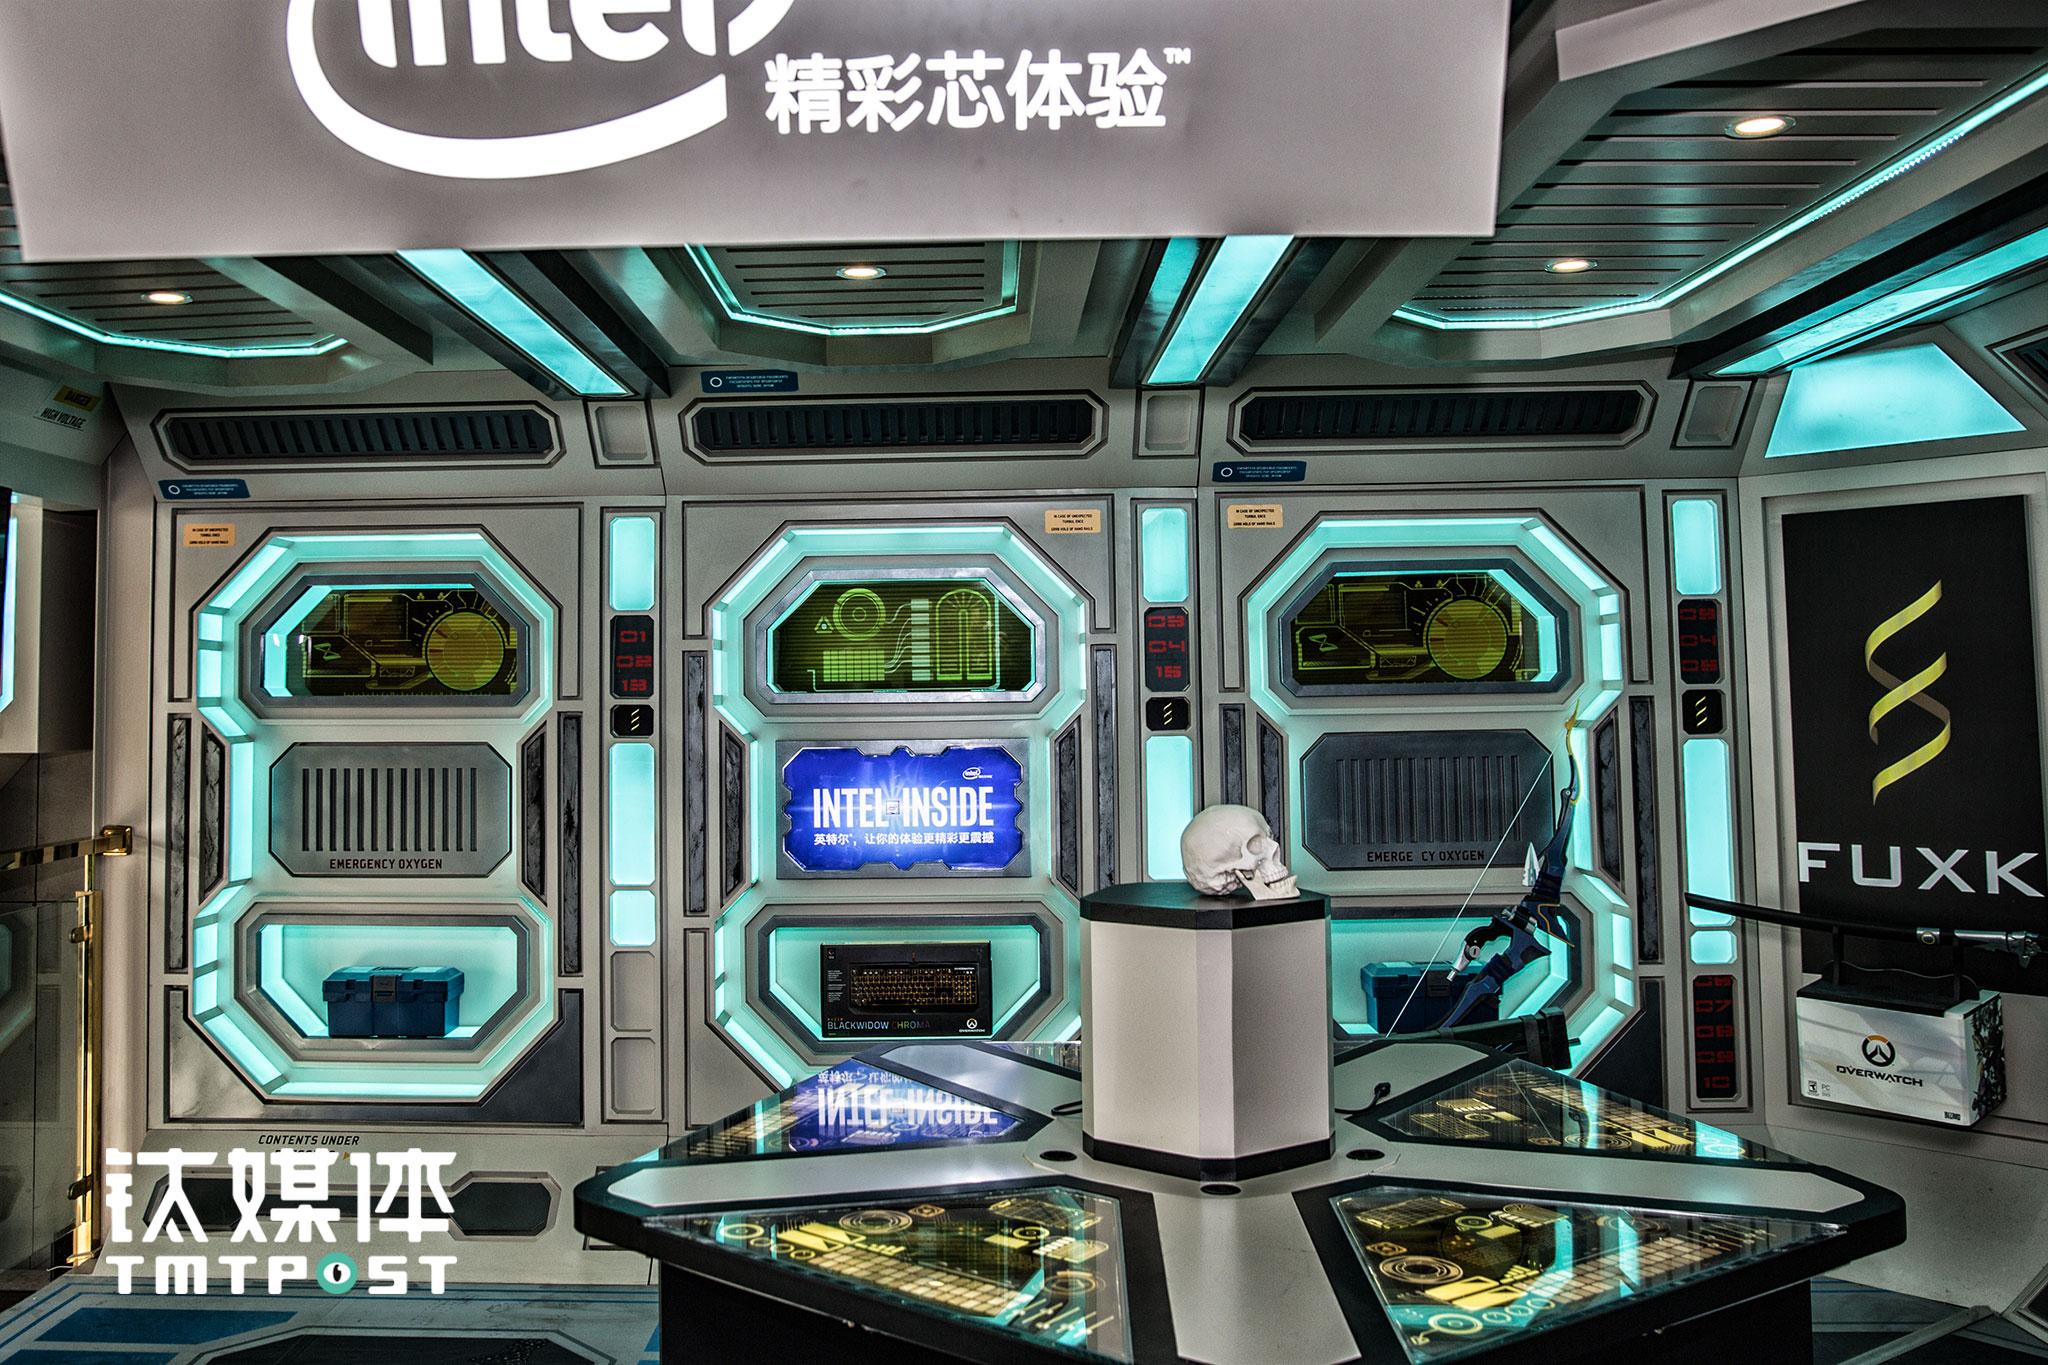 工作室二楼,intel赞助的《守望先锋》1:1场景模型,这里不定期会举行线下赛事和体验活动。